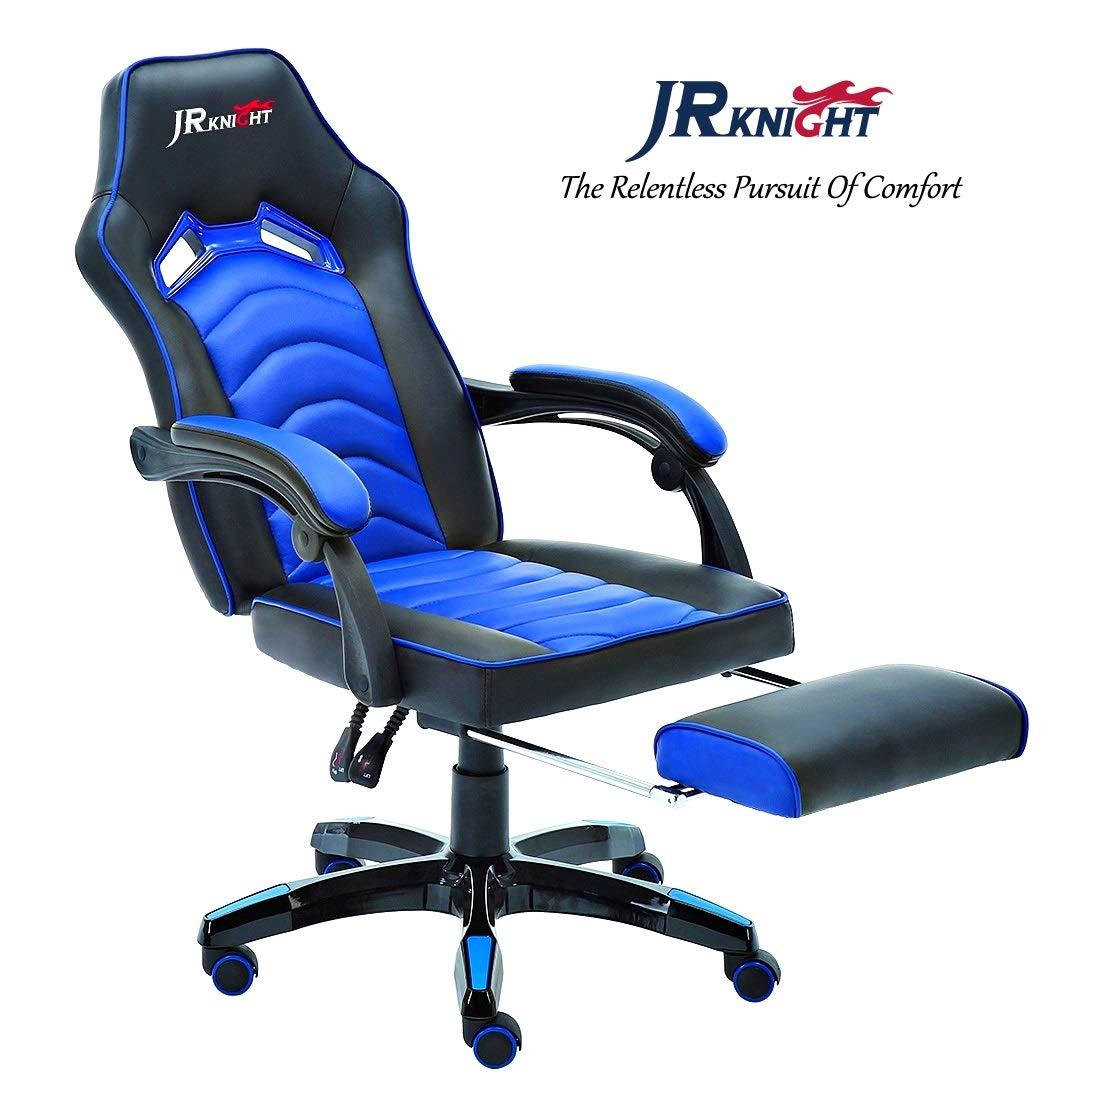 Sedia gaming ergonomica, design a rombi, in ecopelle, girevole, con schienale reclinabile, bracciolo e poggiapiedi flessibili (blu, LC-02BKBL) JR Knight